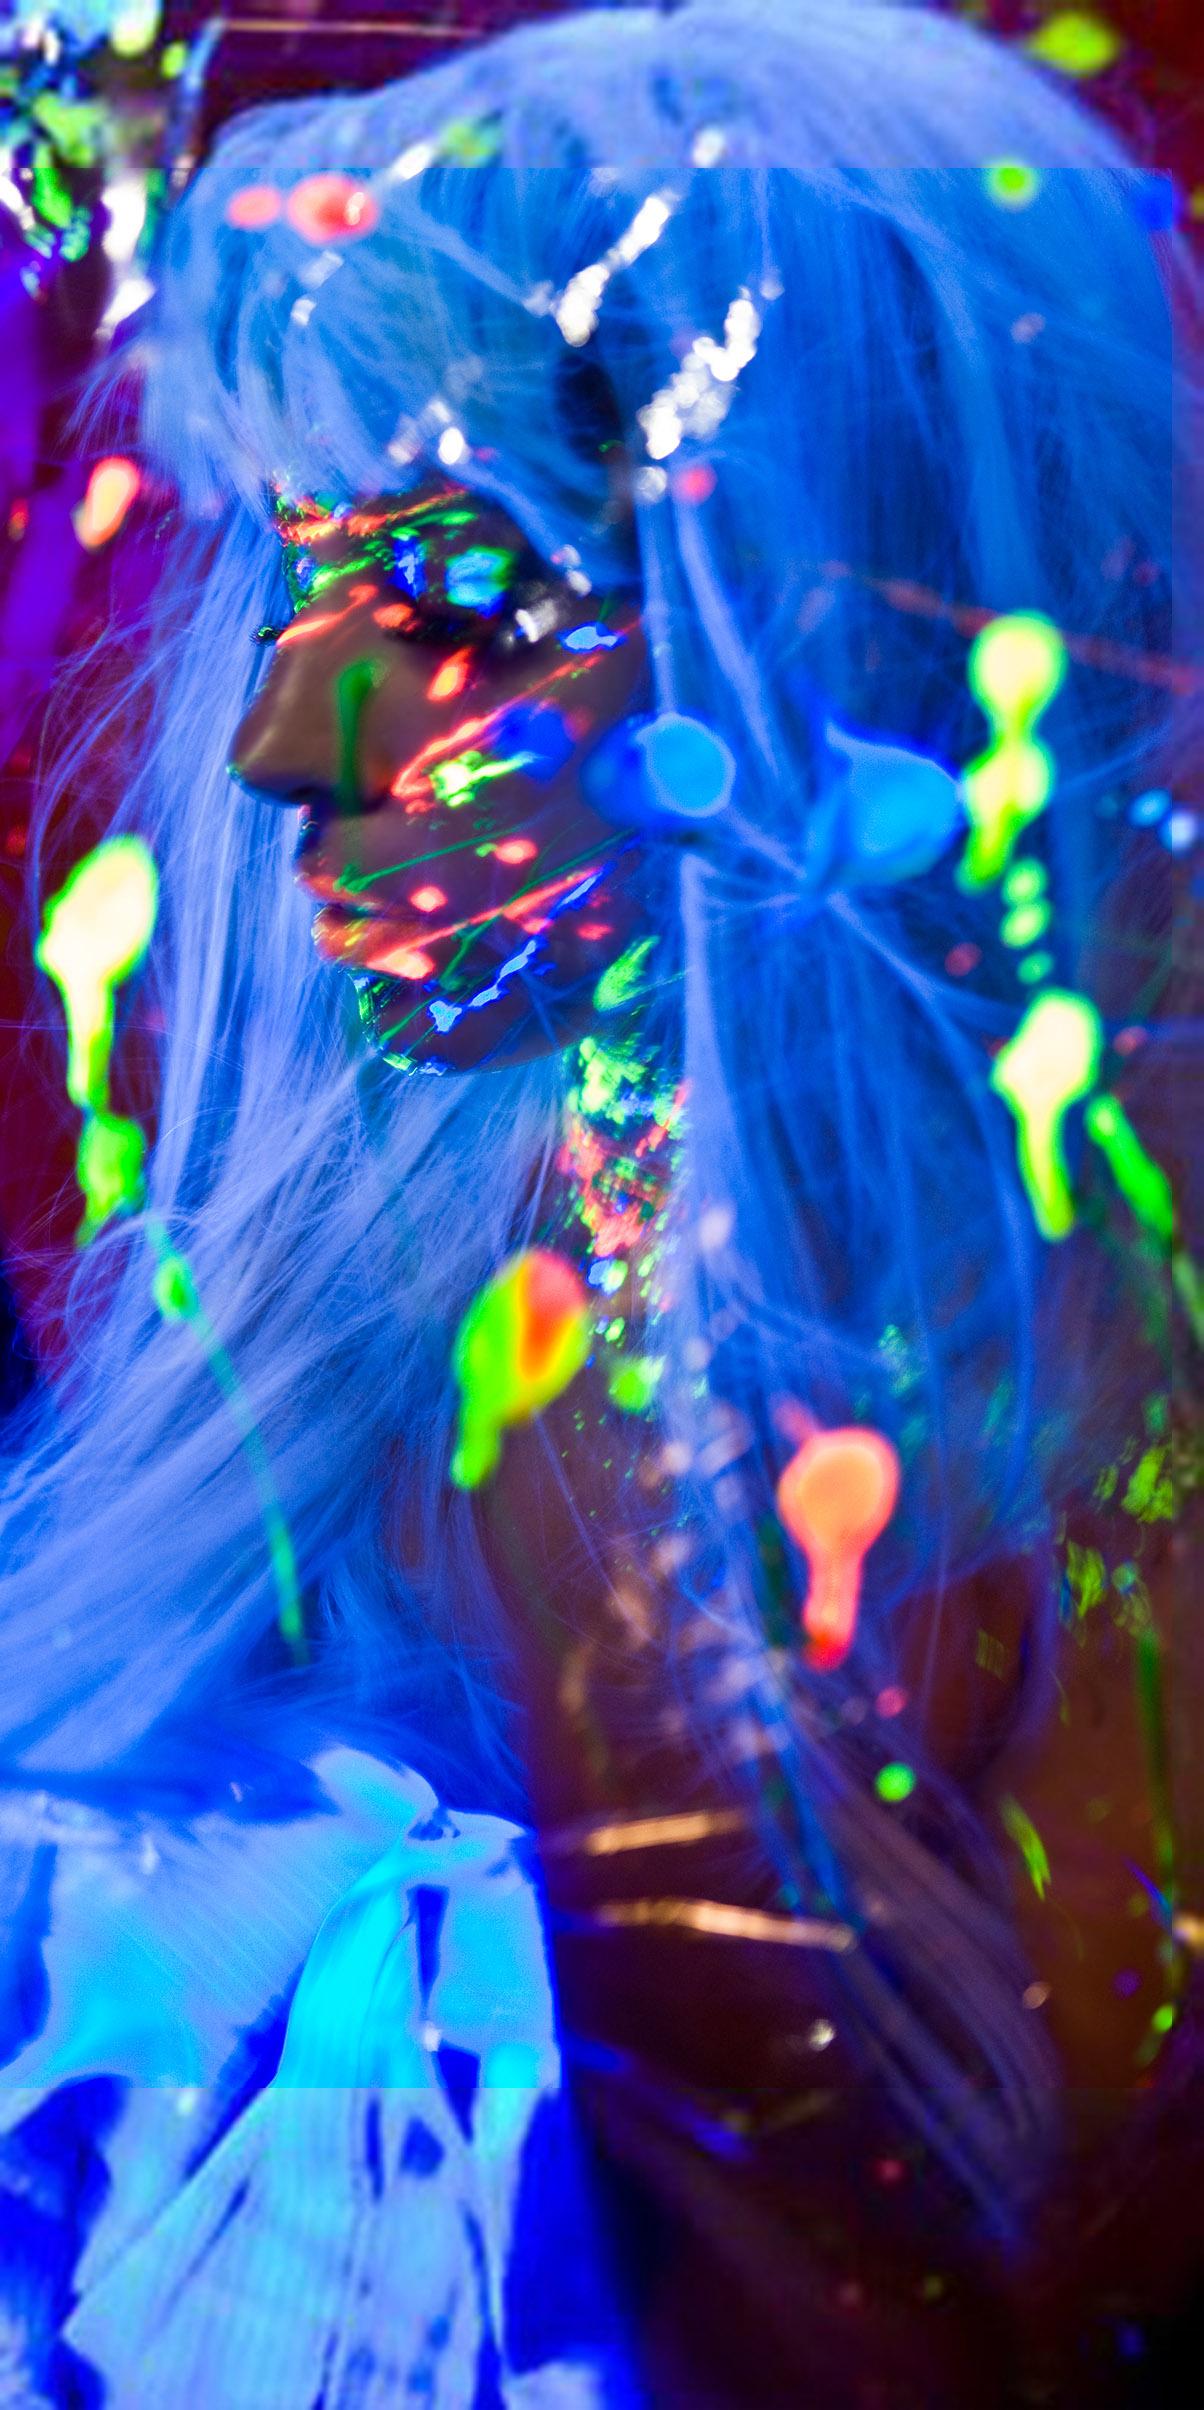 Lady gaga marry the night live grammy awards 2012 american idol ellen x factor americas got talent - 1 3